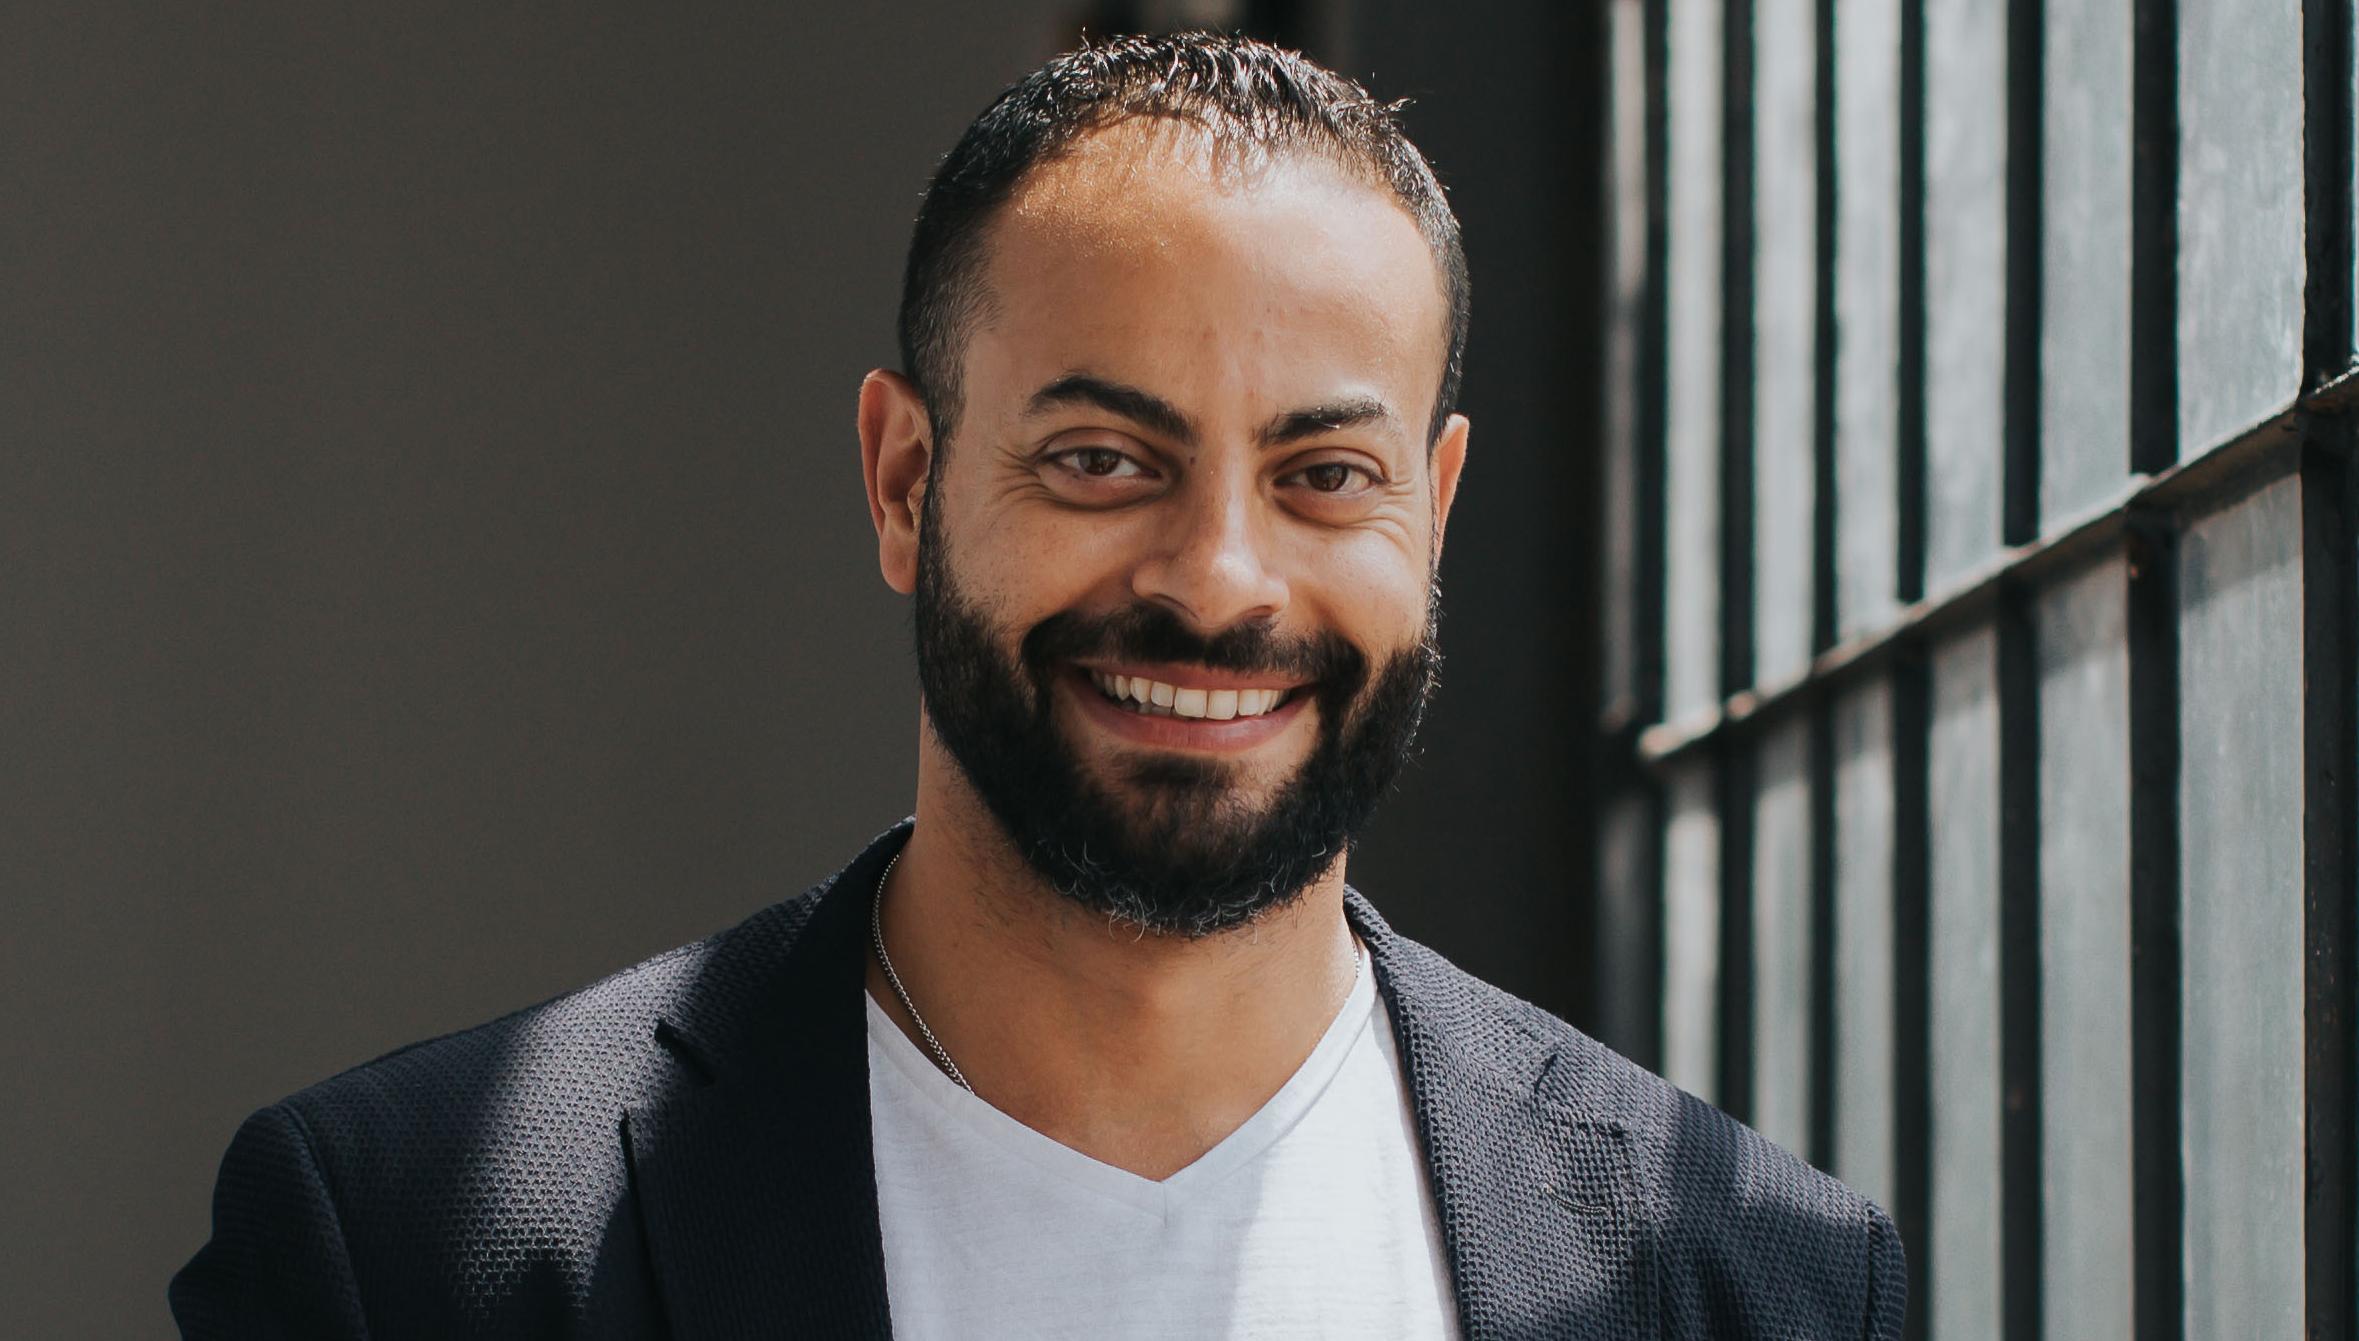 Alumni Spotlight: Samer Bishay (BSc '98)